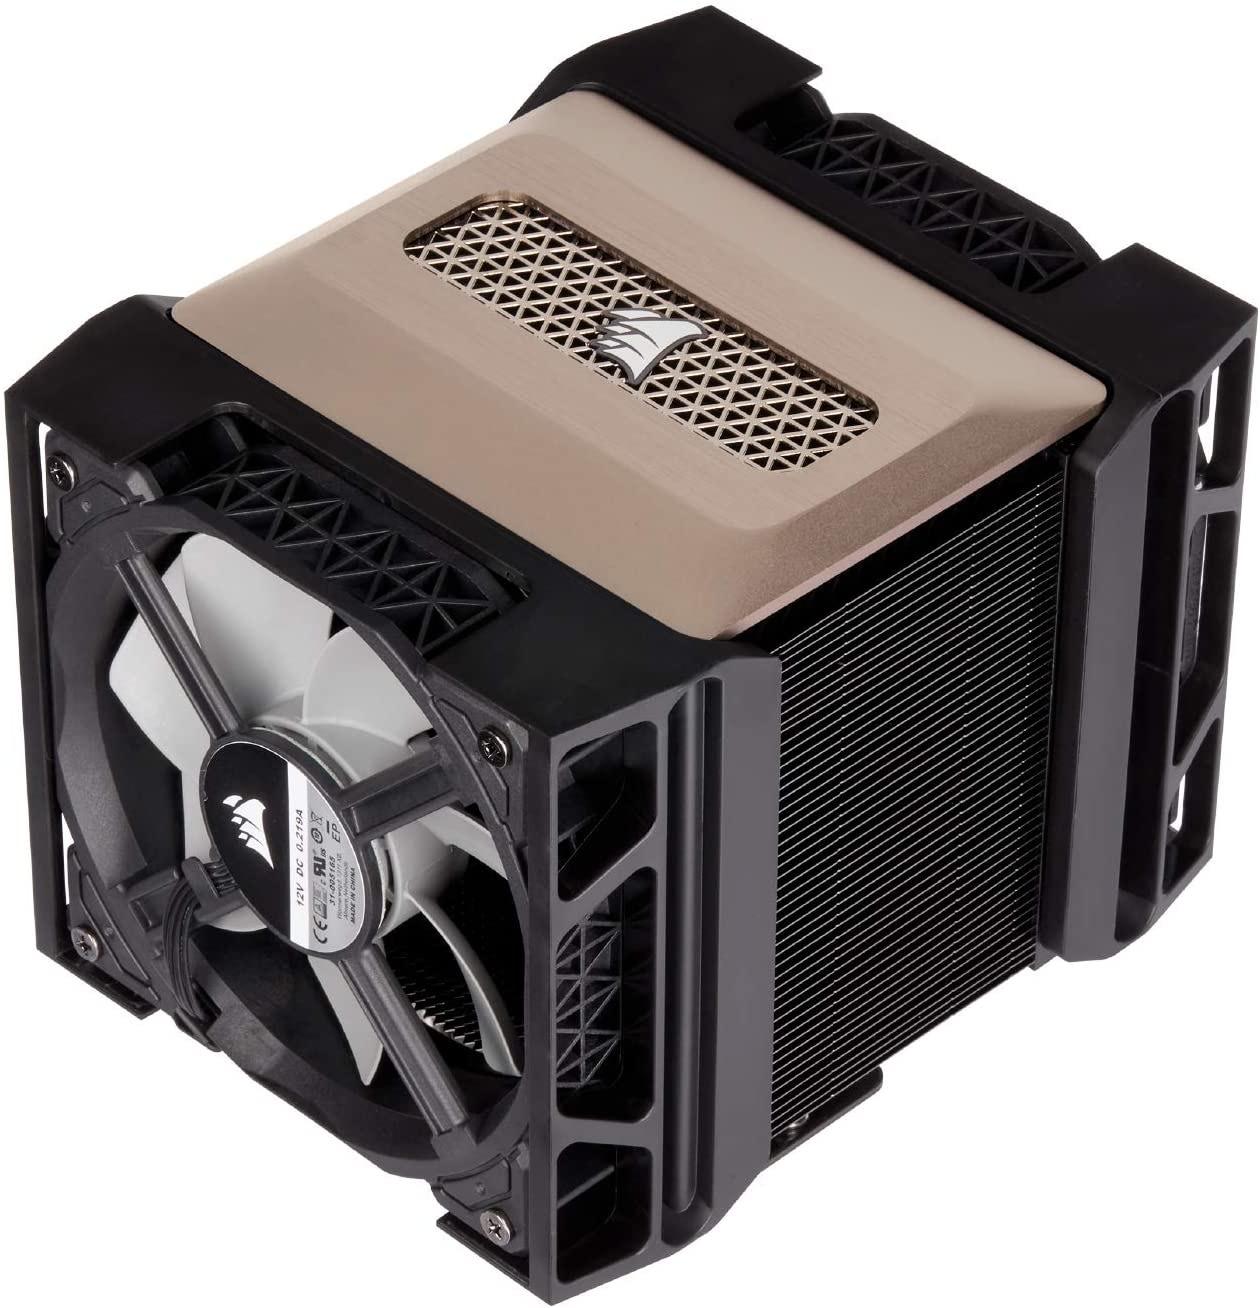 Ventirad à double ventilateur Corsair A500